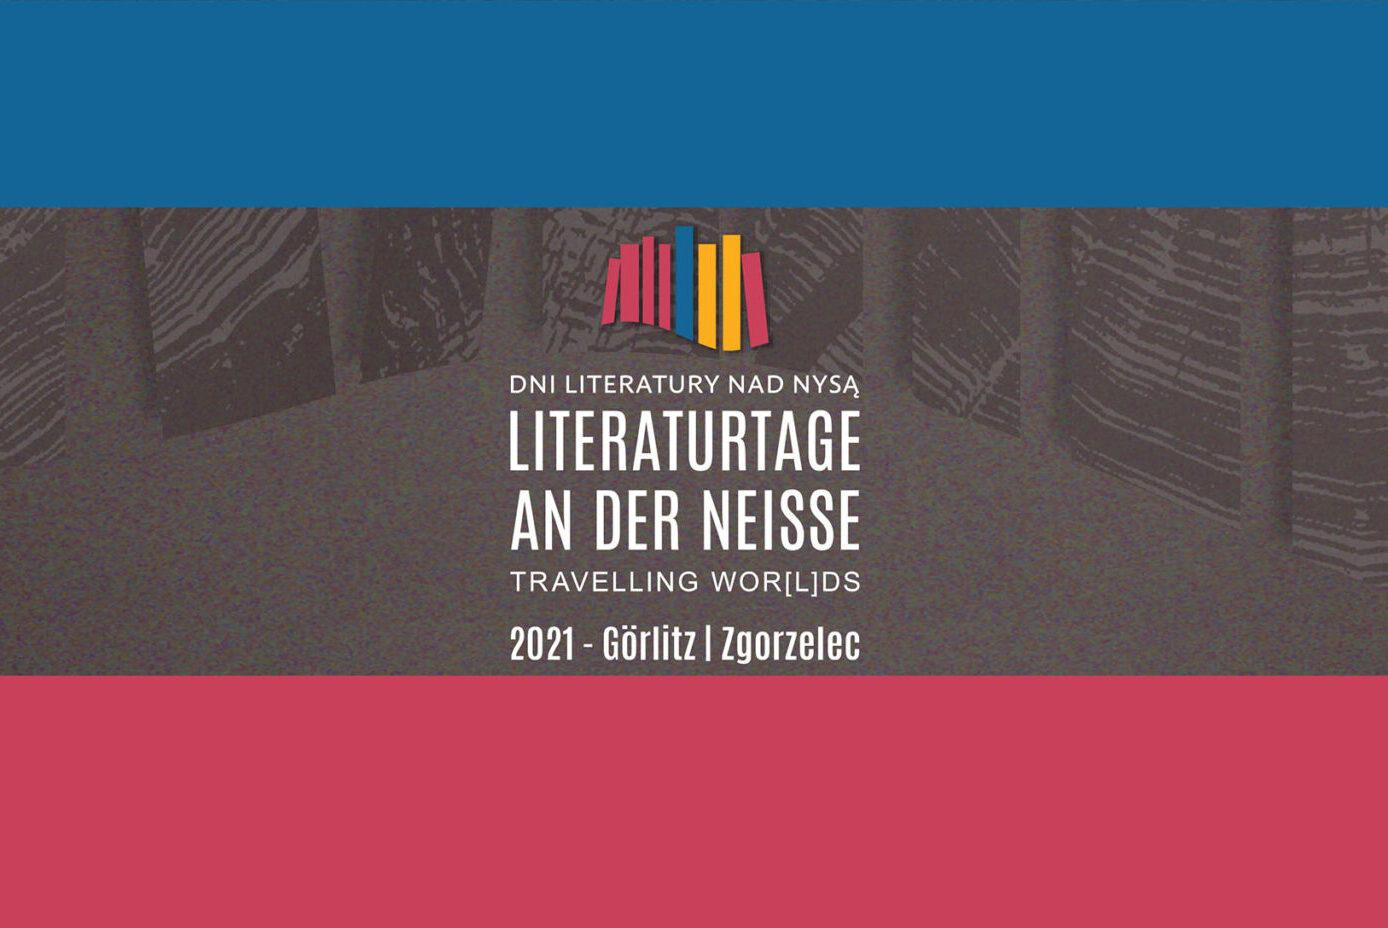 Literaturtage an der Neiße »Travelling Wor[l]ds«